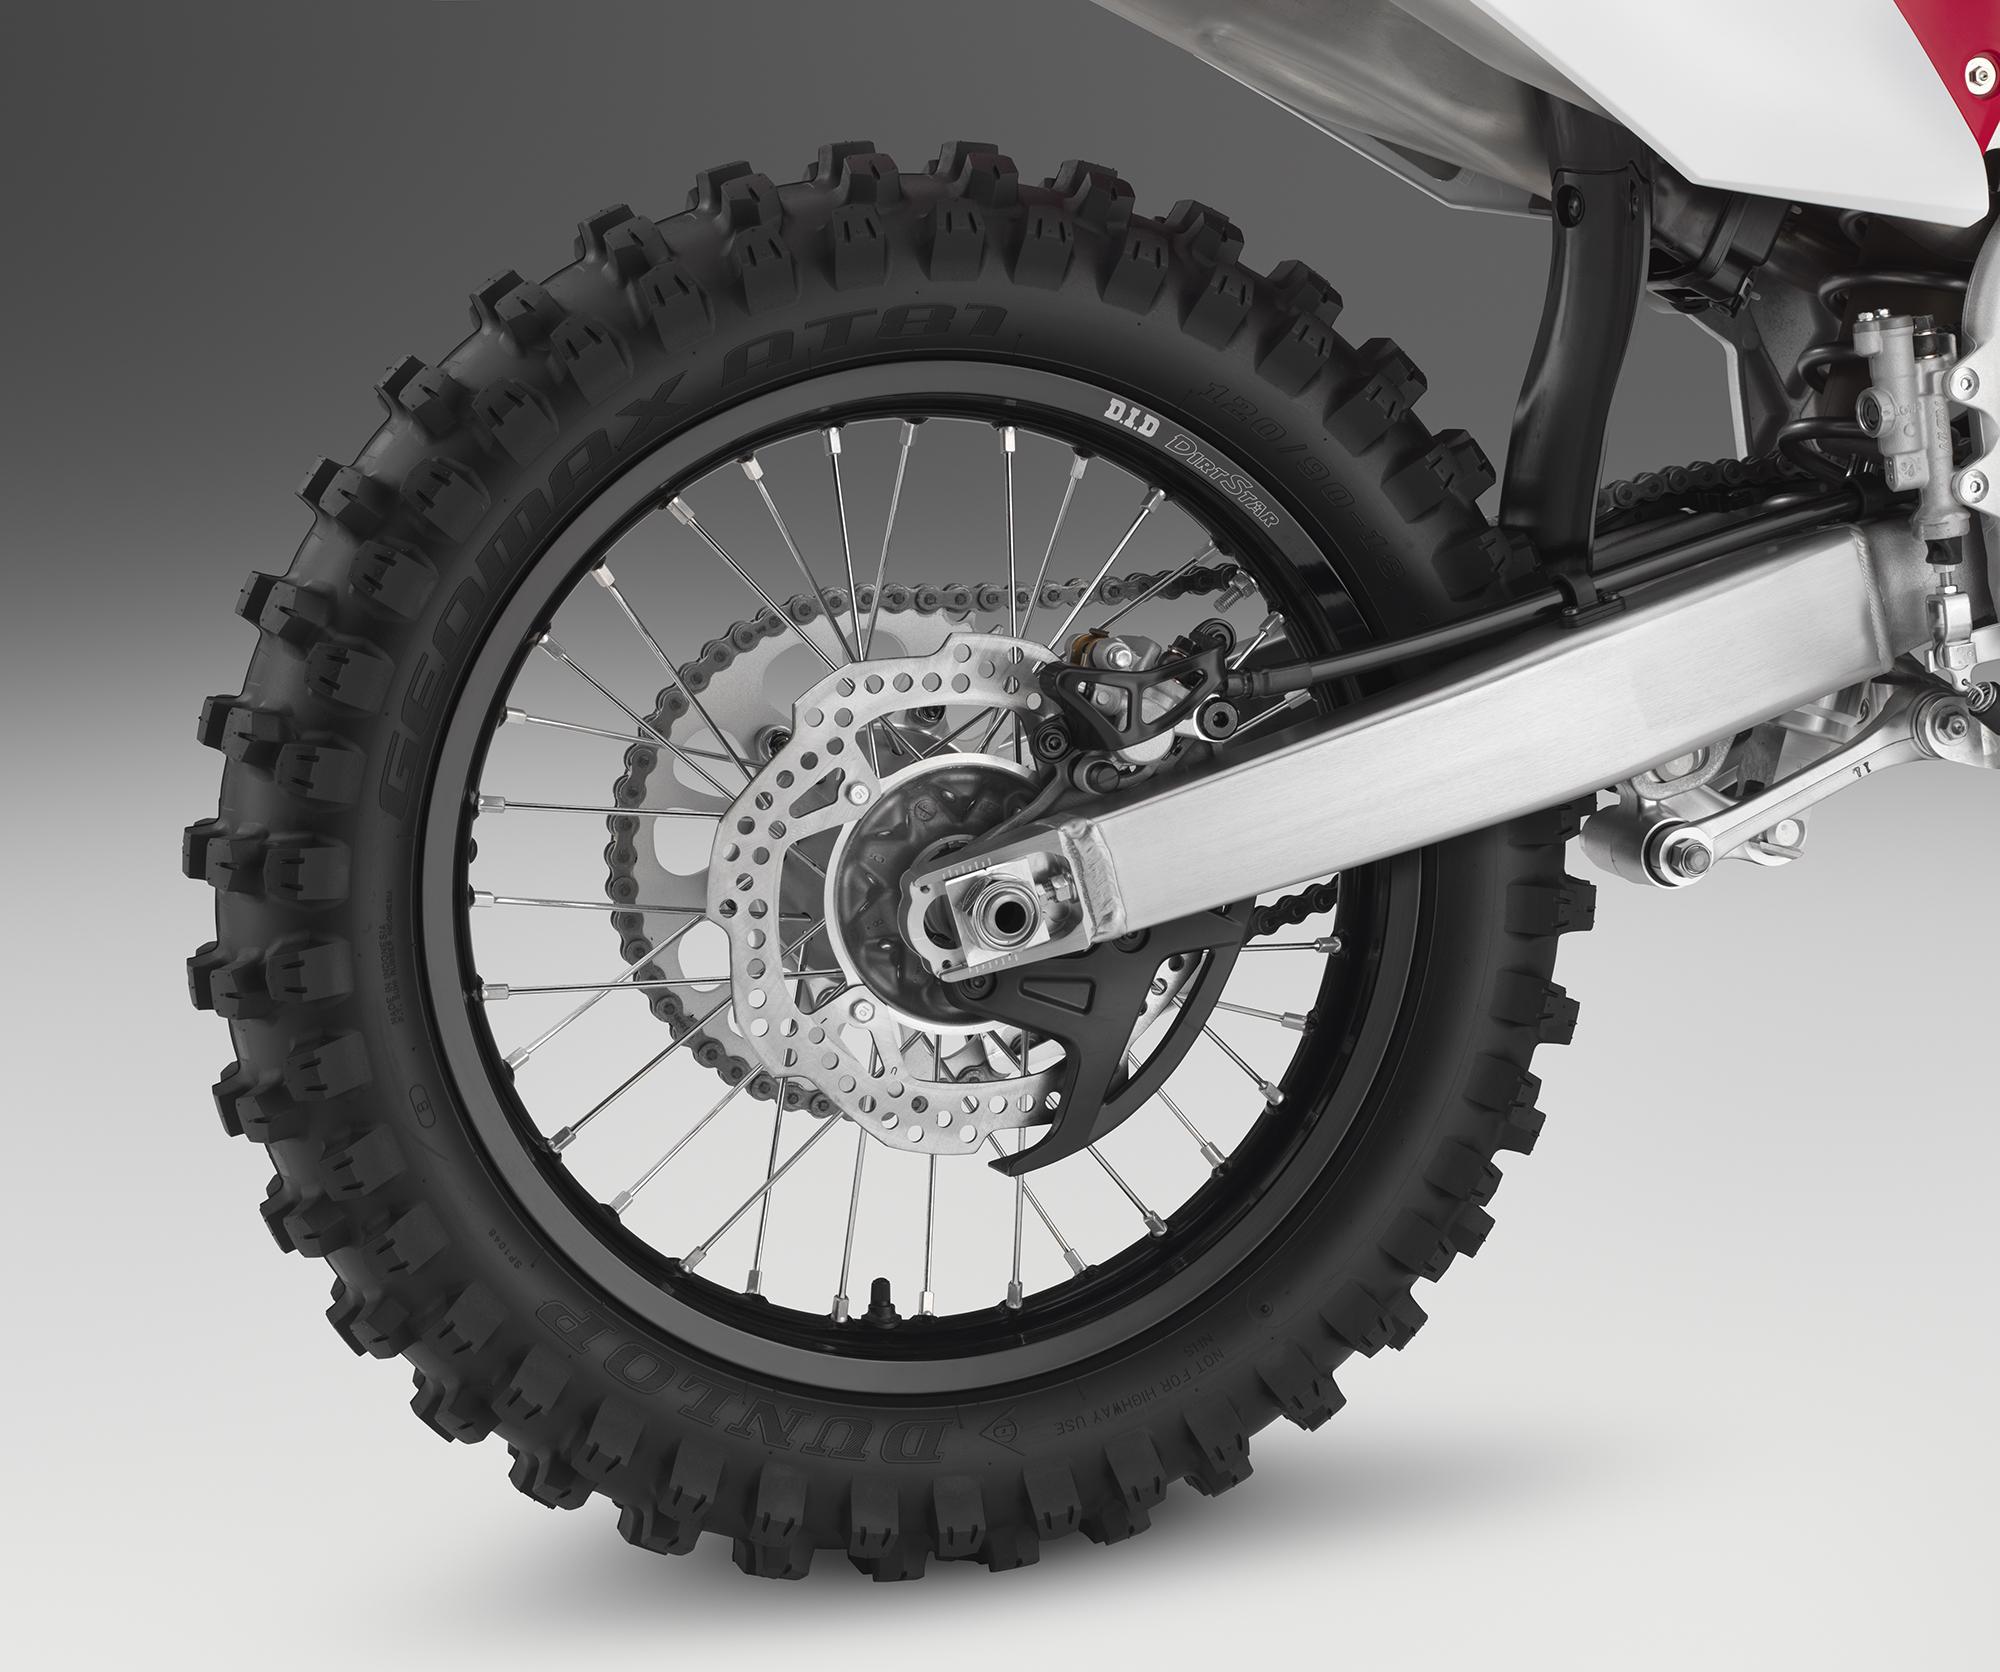 19 Honda CRF450RX_rear wheel.jpg